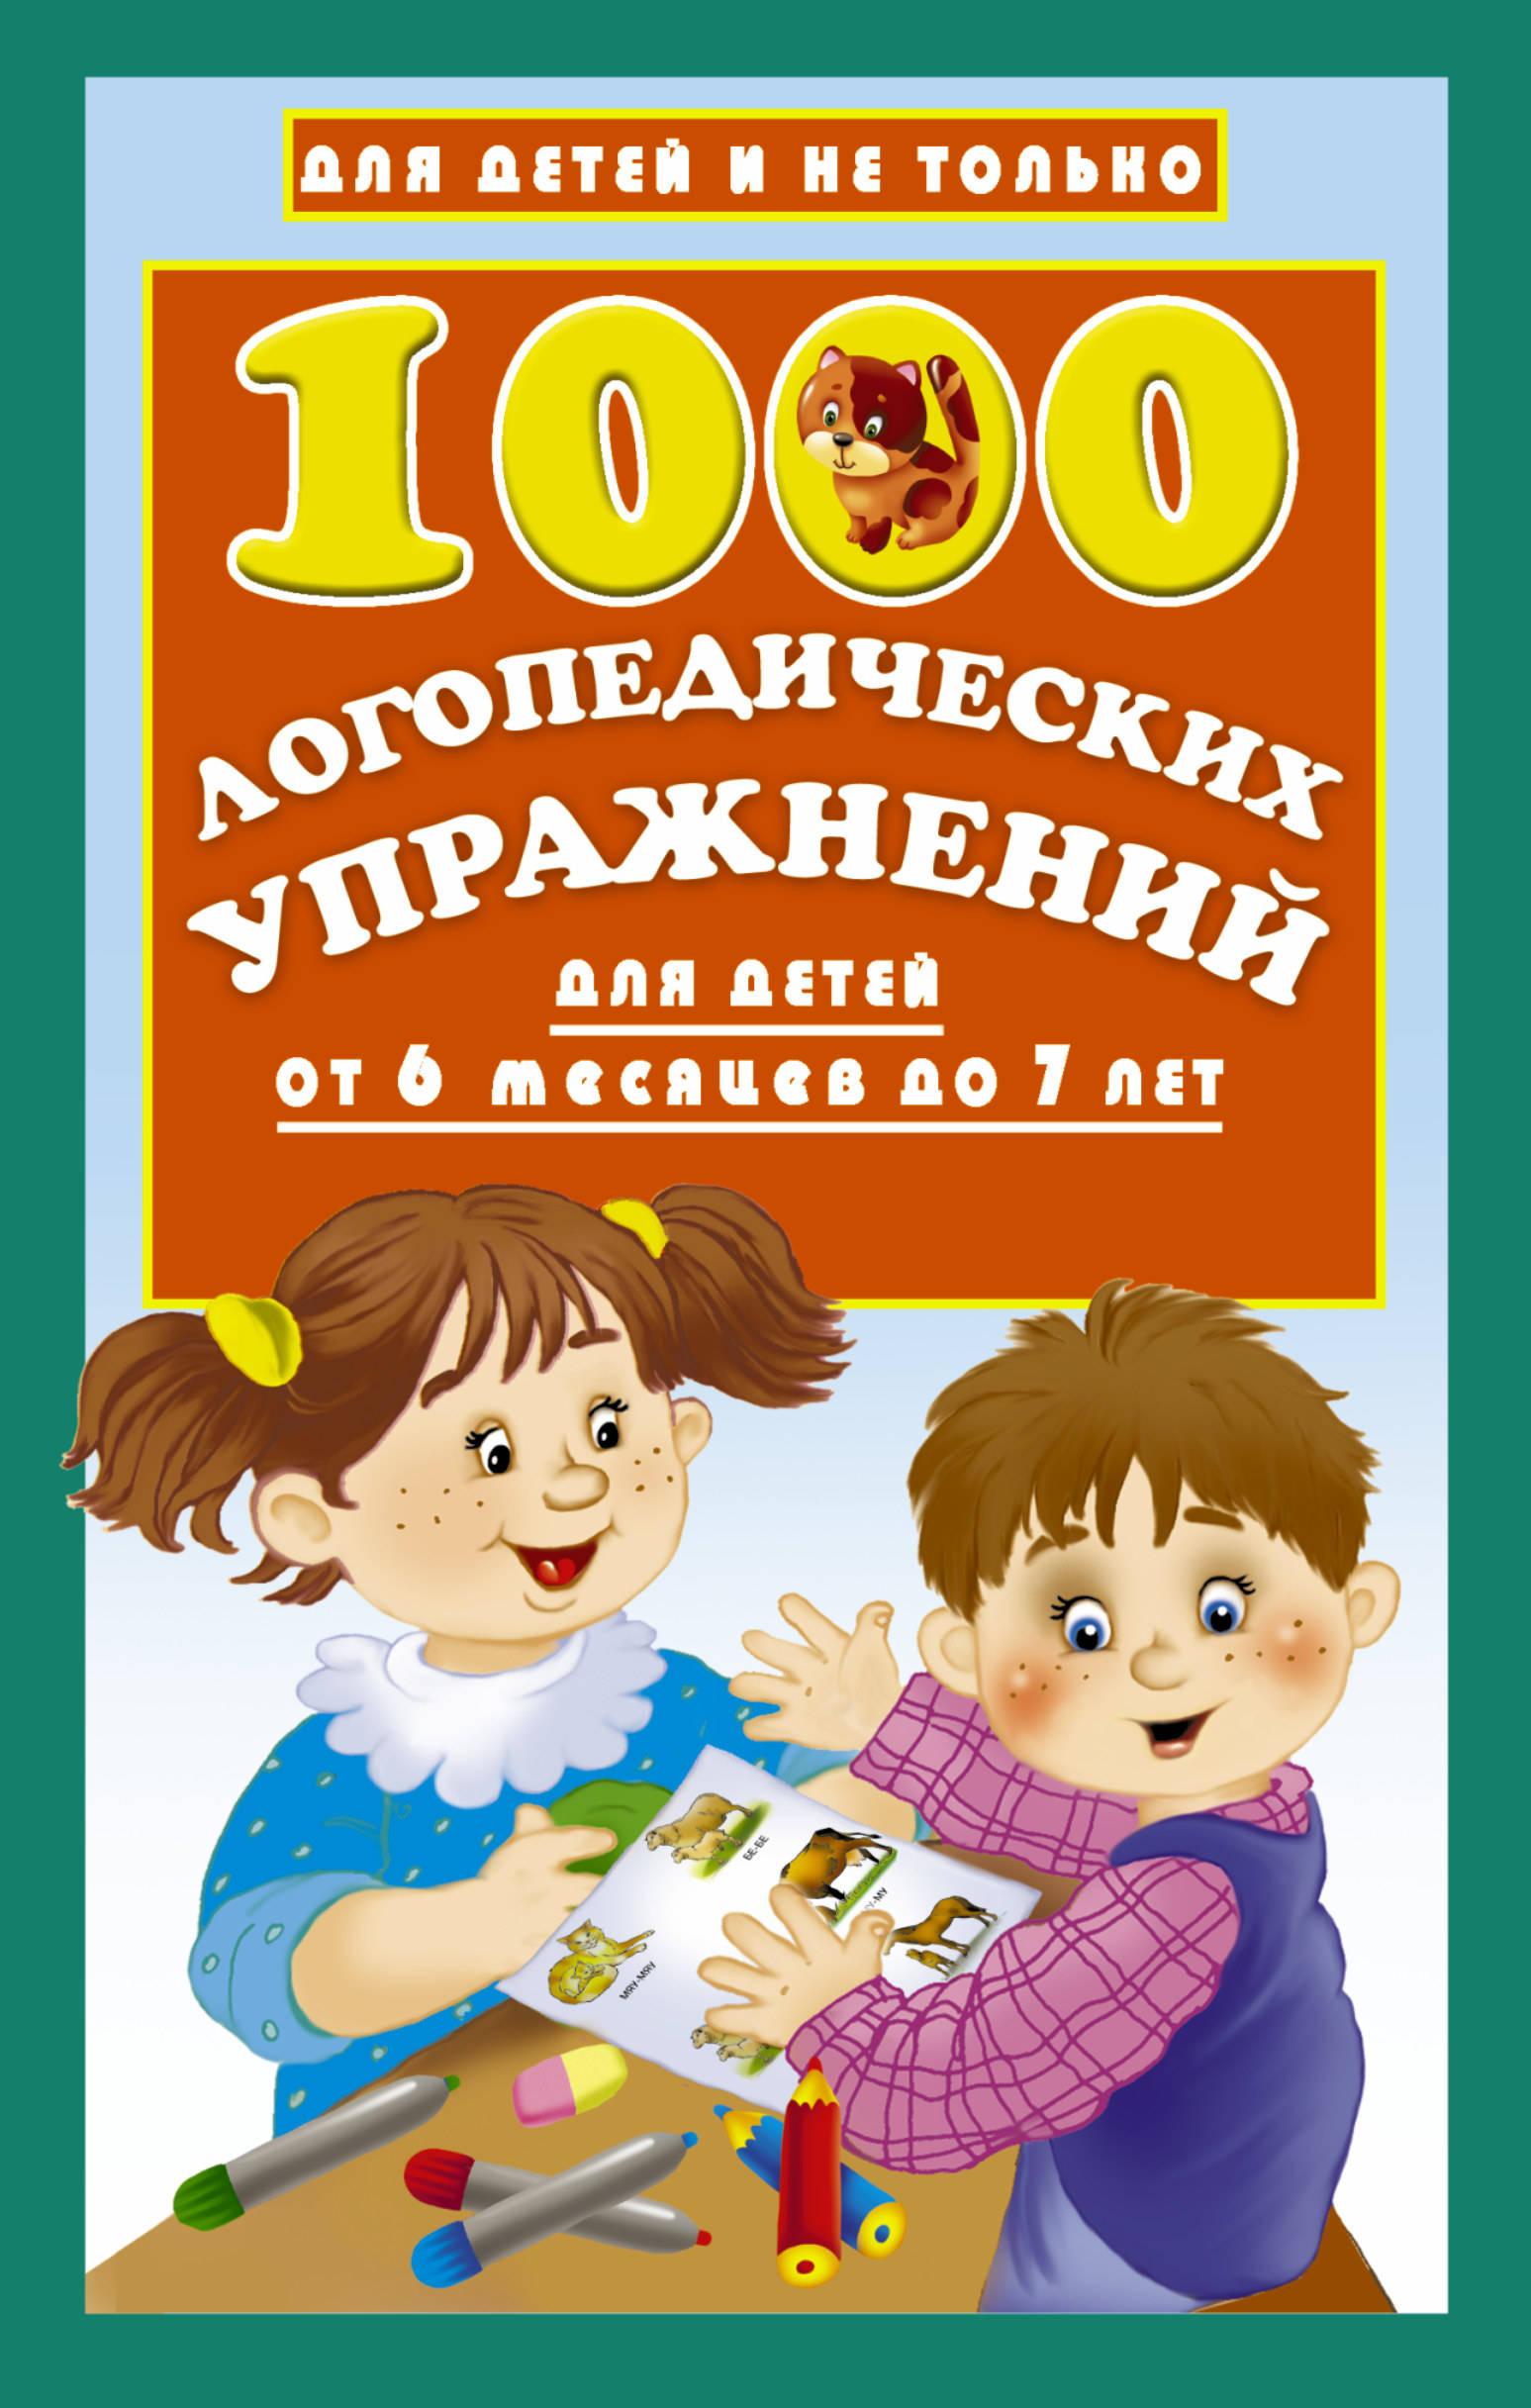 О А Новиковская 1000 логопедических упражнений от 6 месяцев до 7 лет